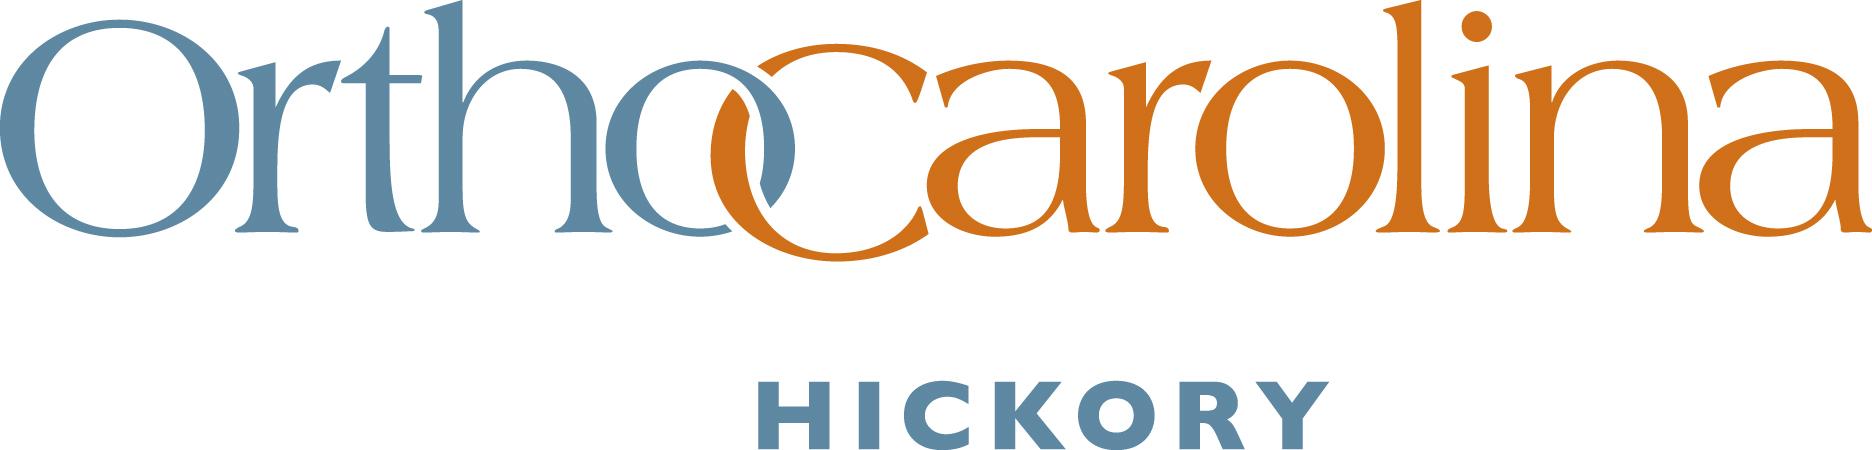 Hickory FULL COLOR.jpg